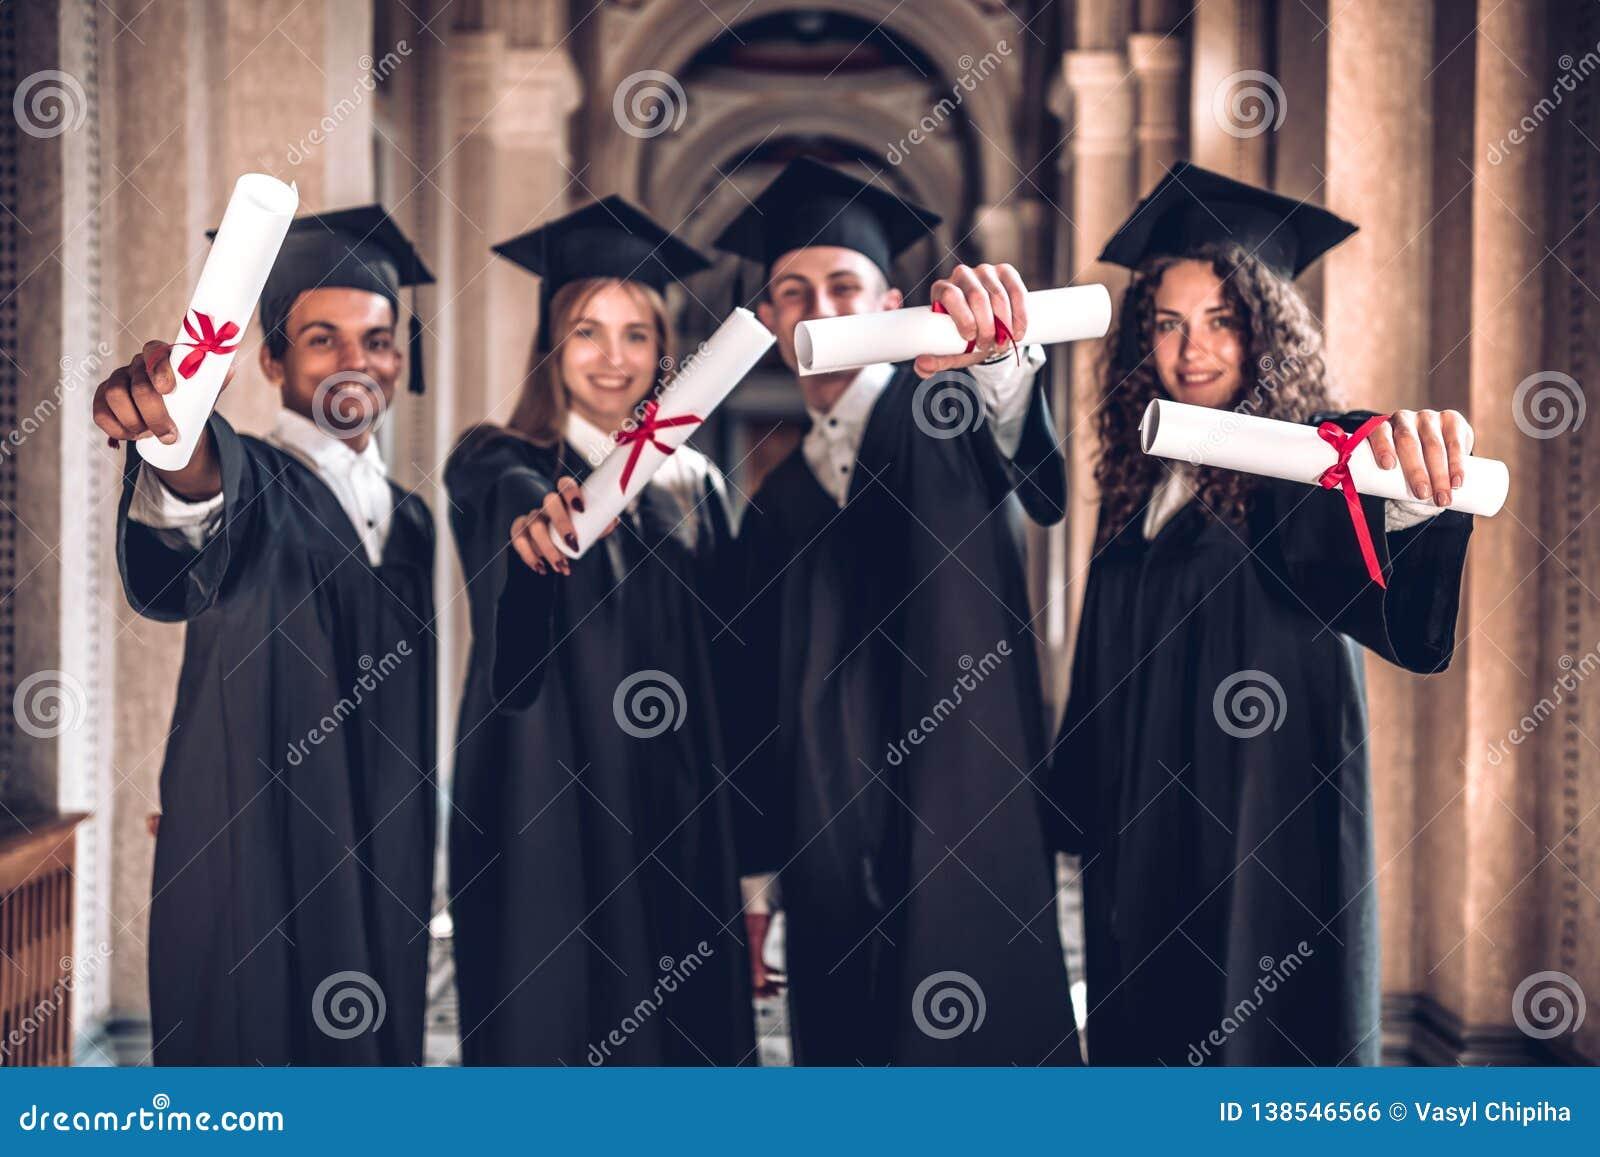 ¡Trabajamos difícilmente y conseguimos resultados! Grupo de graduados sonrientes que muestran sus diplomas, uniéndose en pasillo